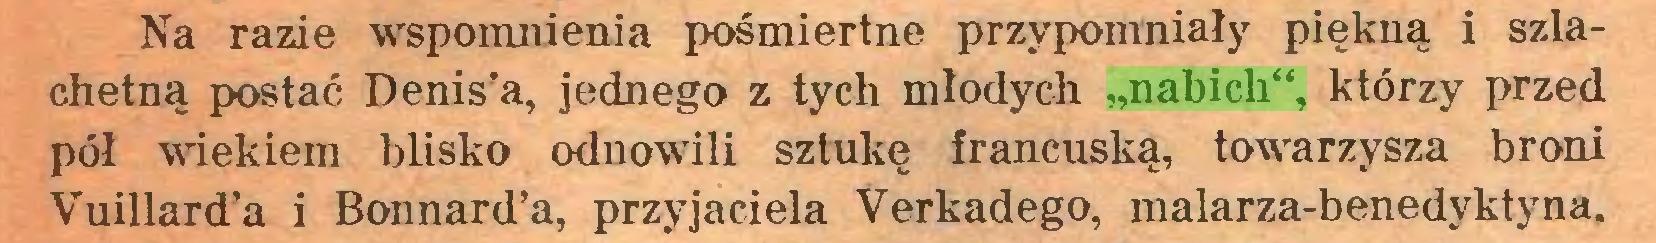 """(...) Na razie wspomnienia pośmiertne przypomniały piękną i szlachetną postać Denis'a, jednego z tych młodych """"nabich"""", którzy przed pół wiekiem blisko odnowili sztukę francuską, towarzysza broni Vuillard'a i Bonnard'a, przyjaciela Verkadego, malarza-benedyktyna..."""